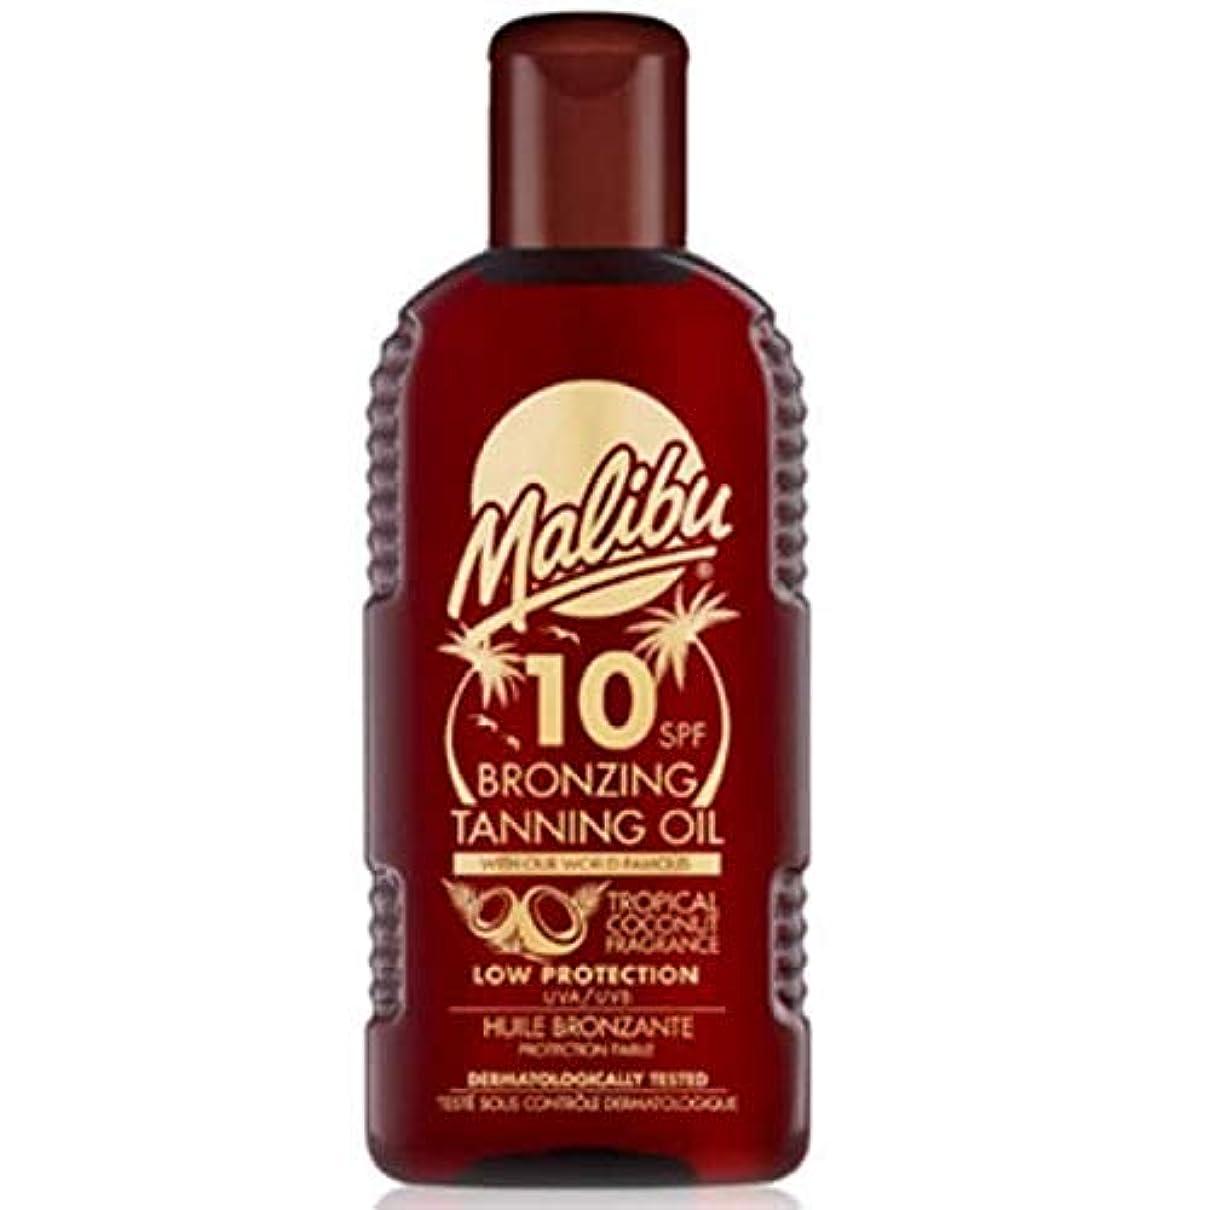 ロック解除電化する逆さまに[Malibu ] マリブブロンズ日焼けオイルSpf 10 - Malibu Bronzing Tanning Oil SPF 10 [並行輸入品]